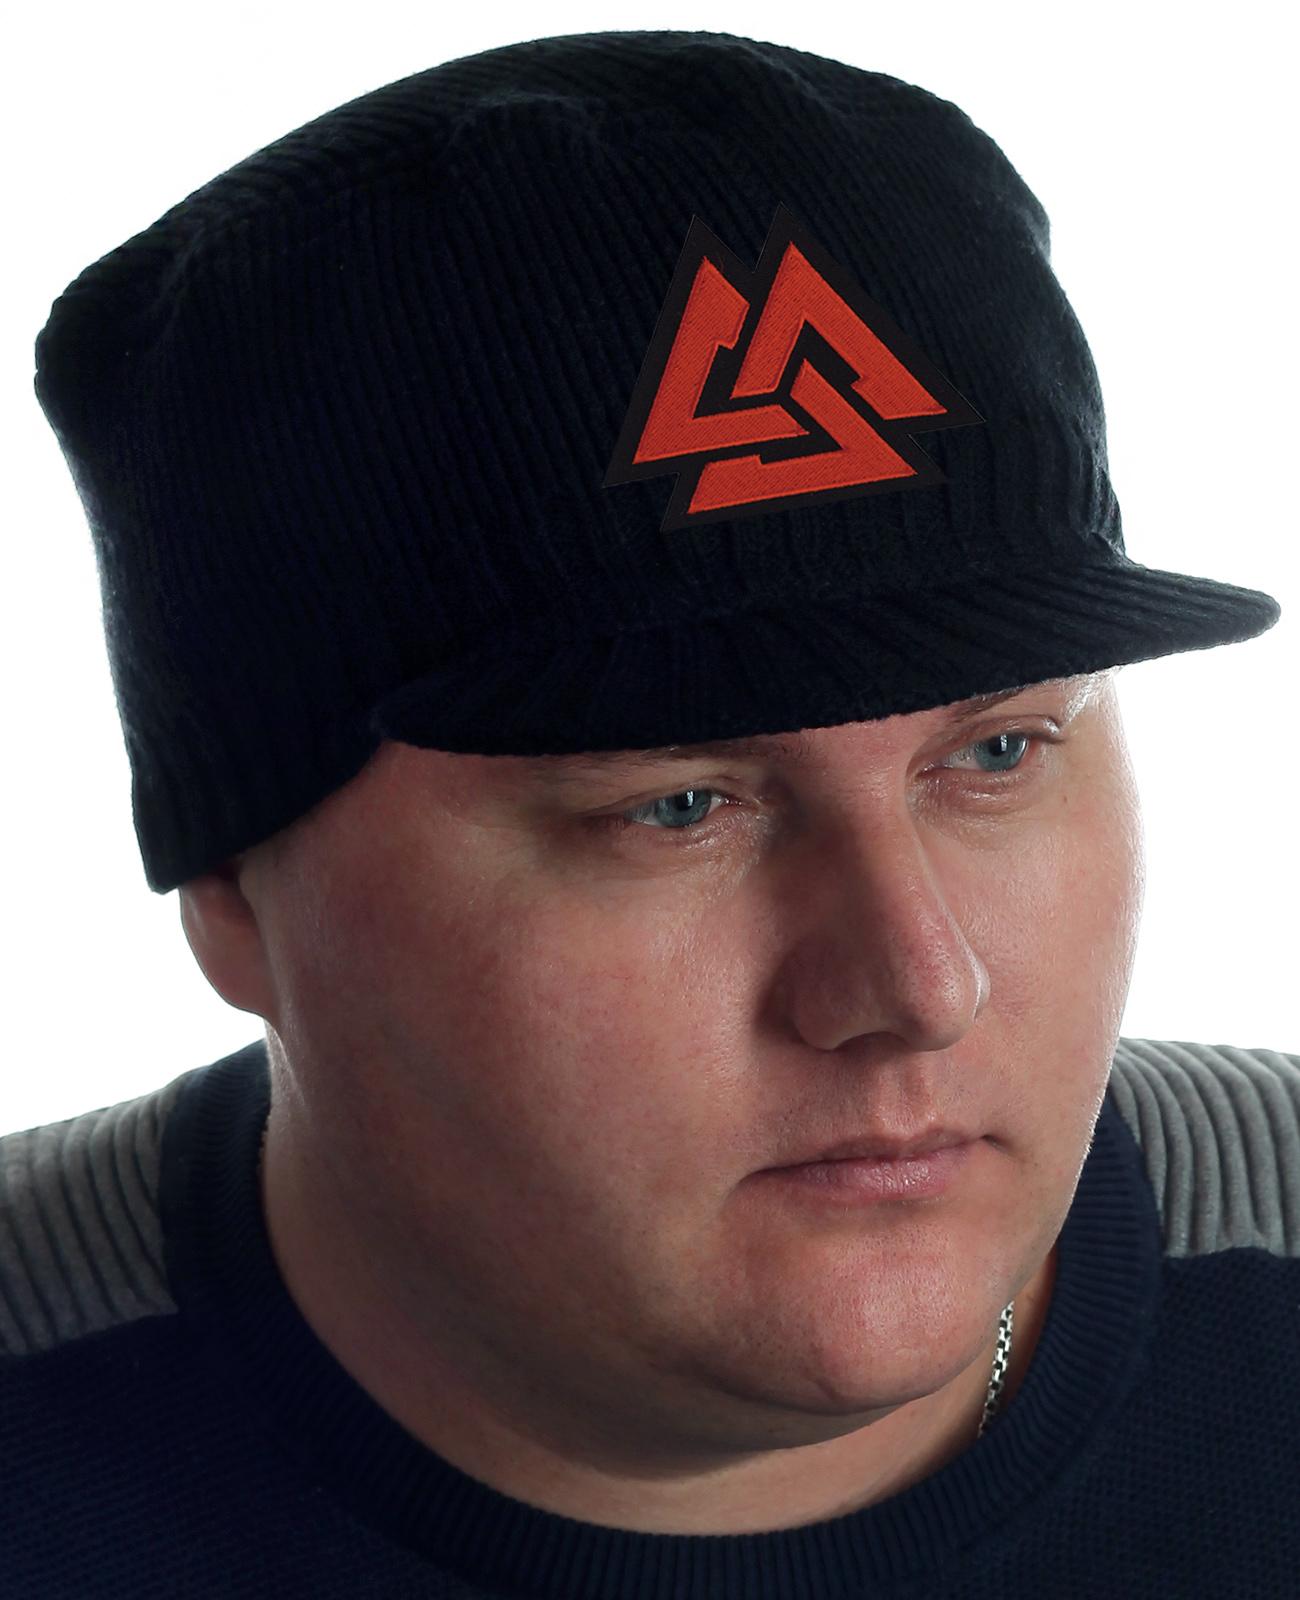 Самая доступная стоимость на мужские теплые кепки в нашем каталоге